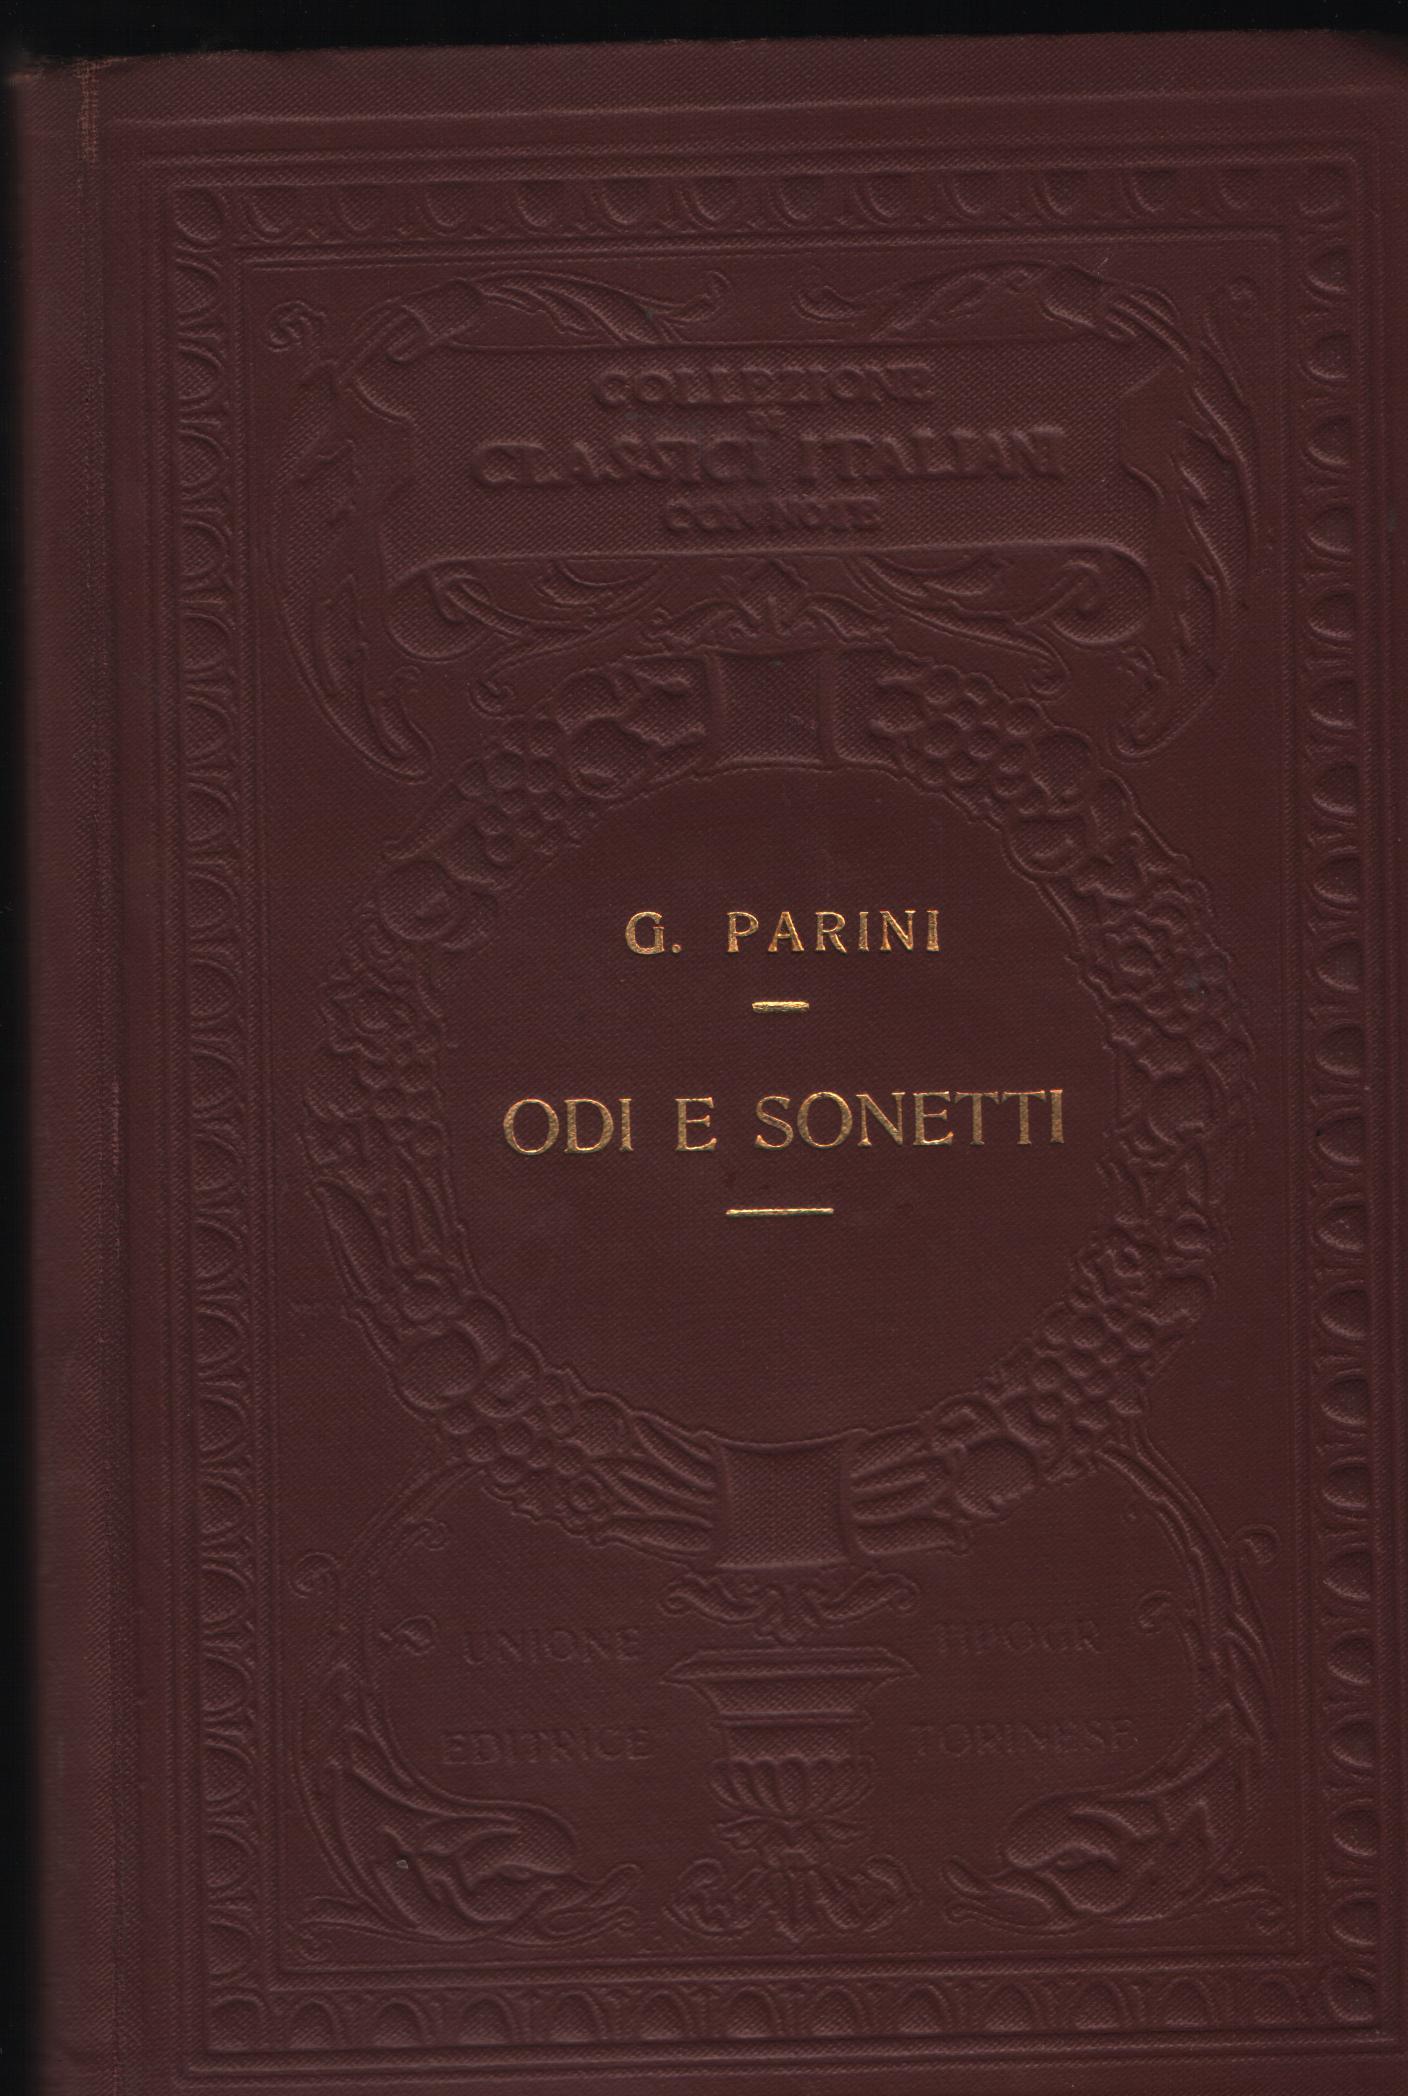 Odi e sonetti